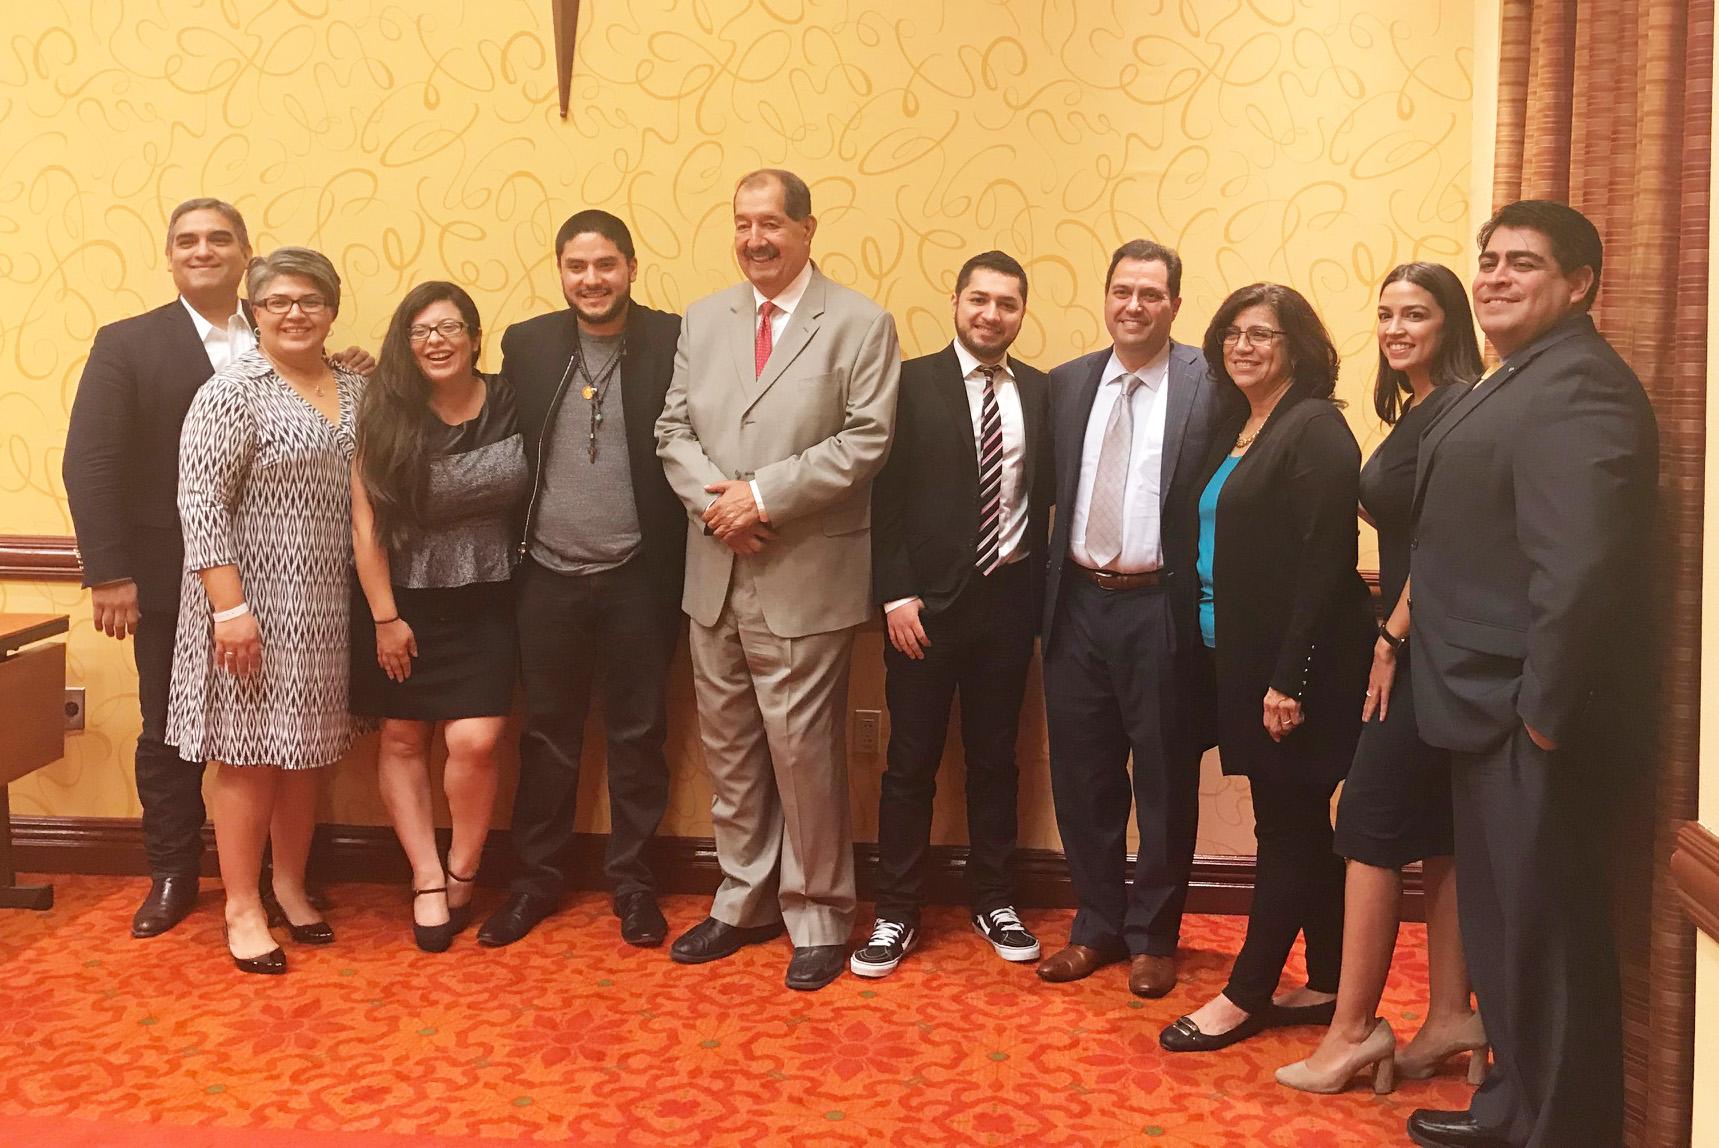 The Future of Latinos in Politics Panel, part of the Nieto-de Leon lecture series, at Celebracion 2017